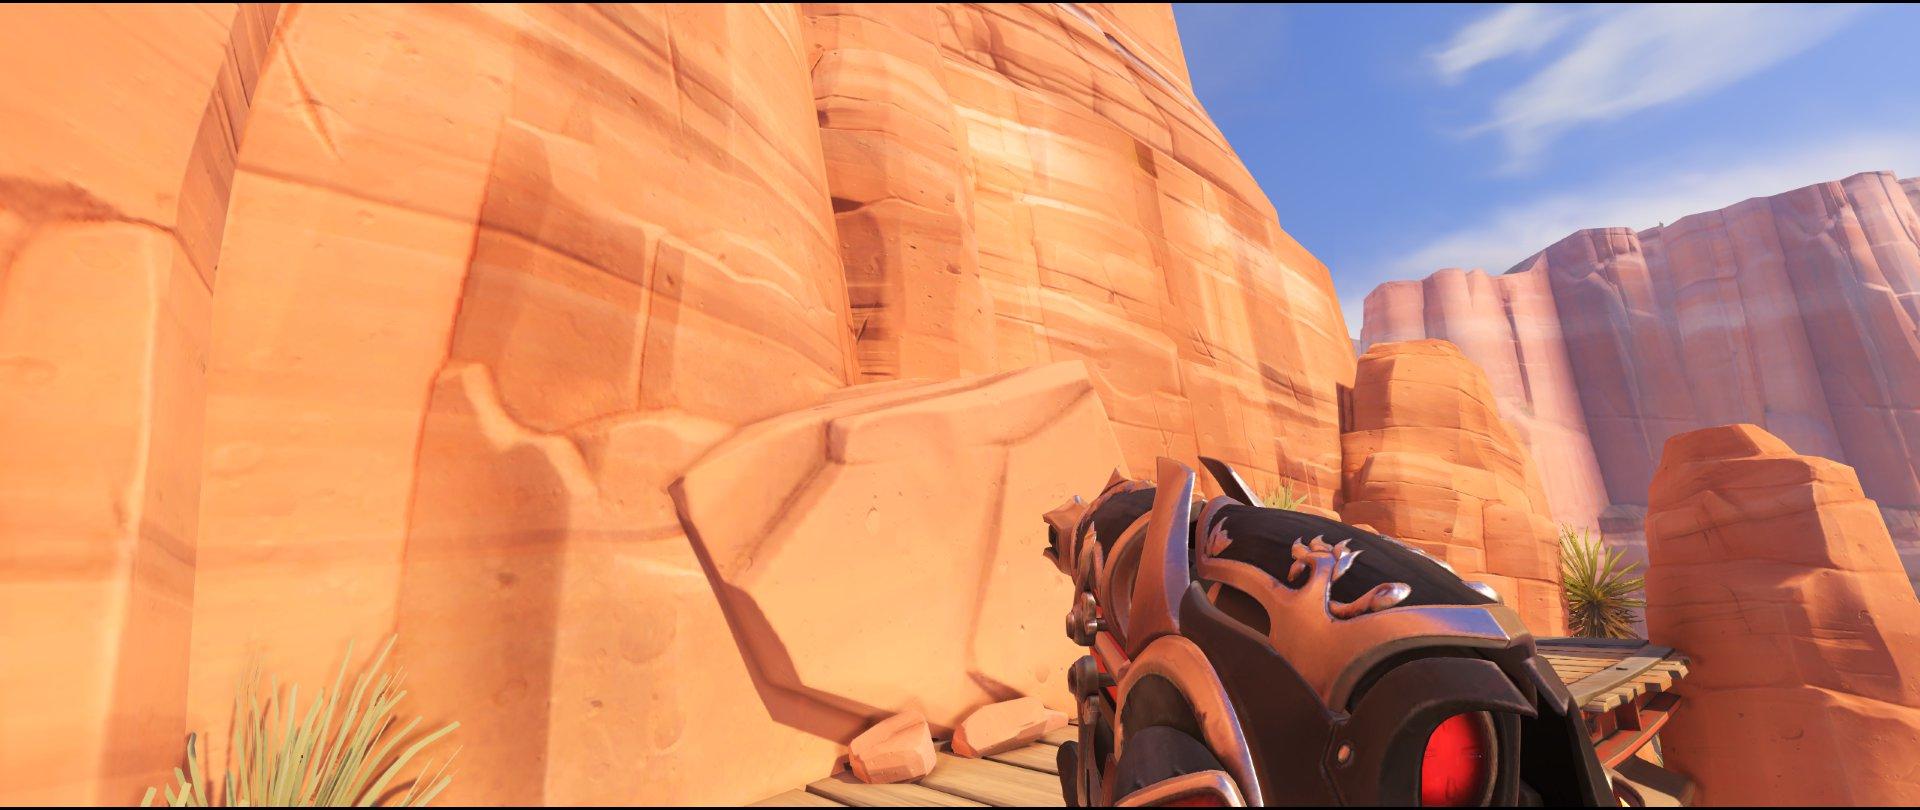 Rock on Catwalk defense sniping spot Widowmaker Route 66.jpg